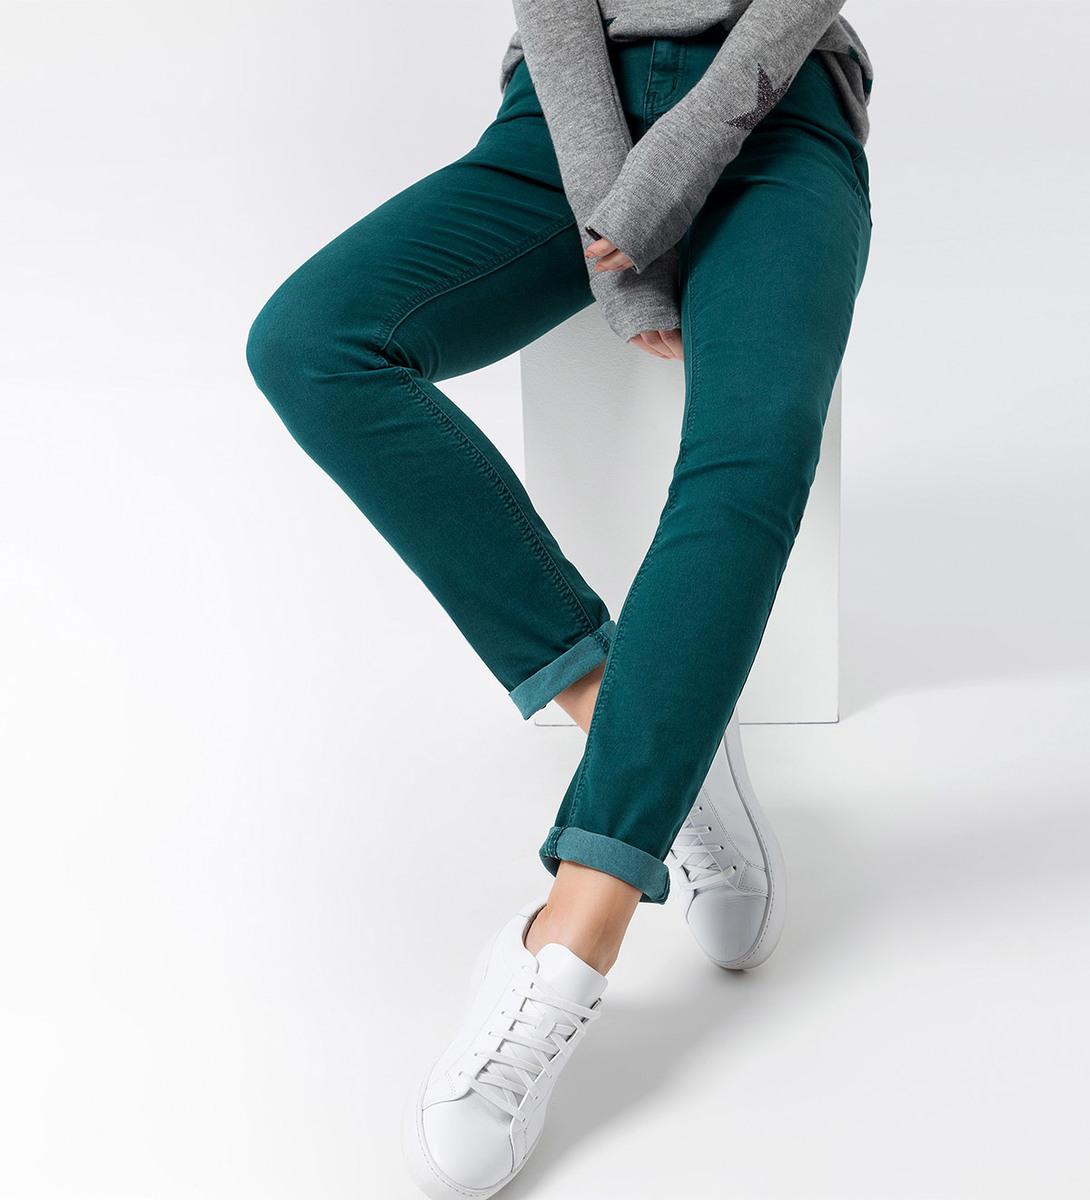 Jeans schmales Bein 32 Inch in dark teal